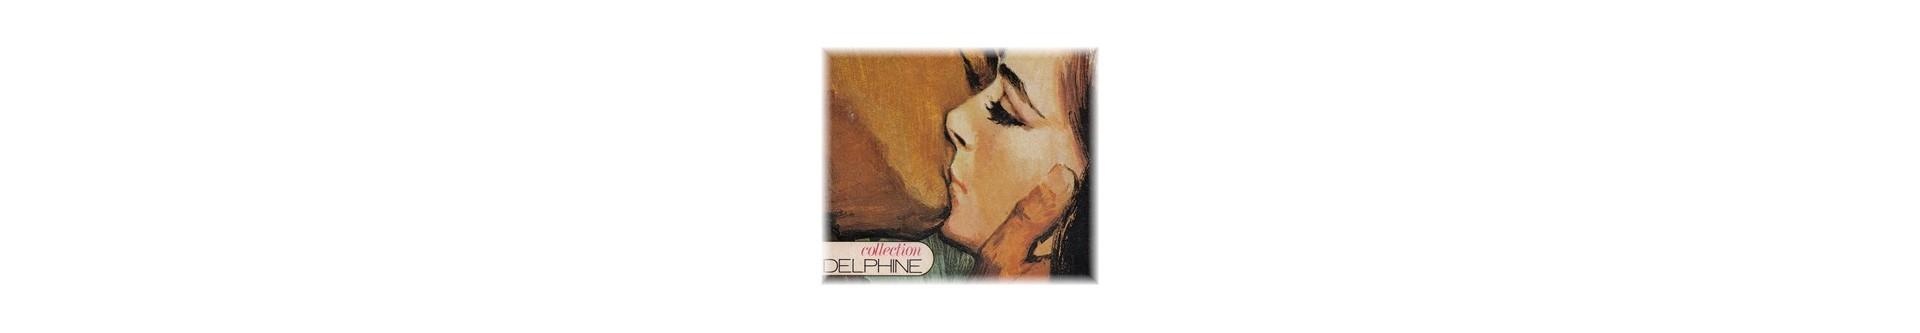 Collection Delphine | Vente de livres d'occasion